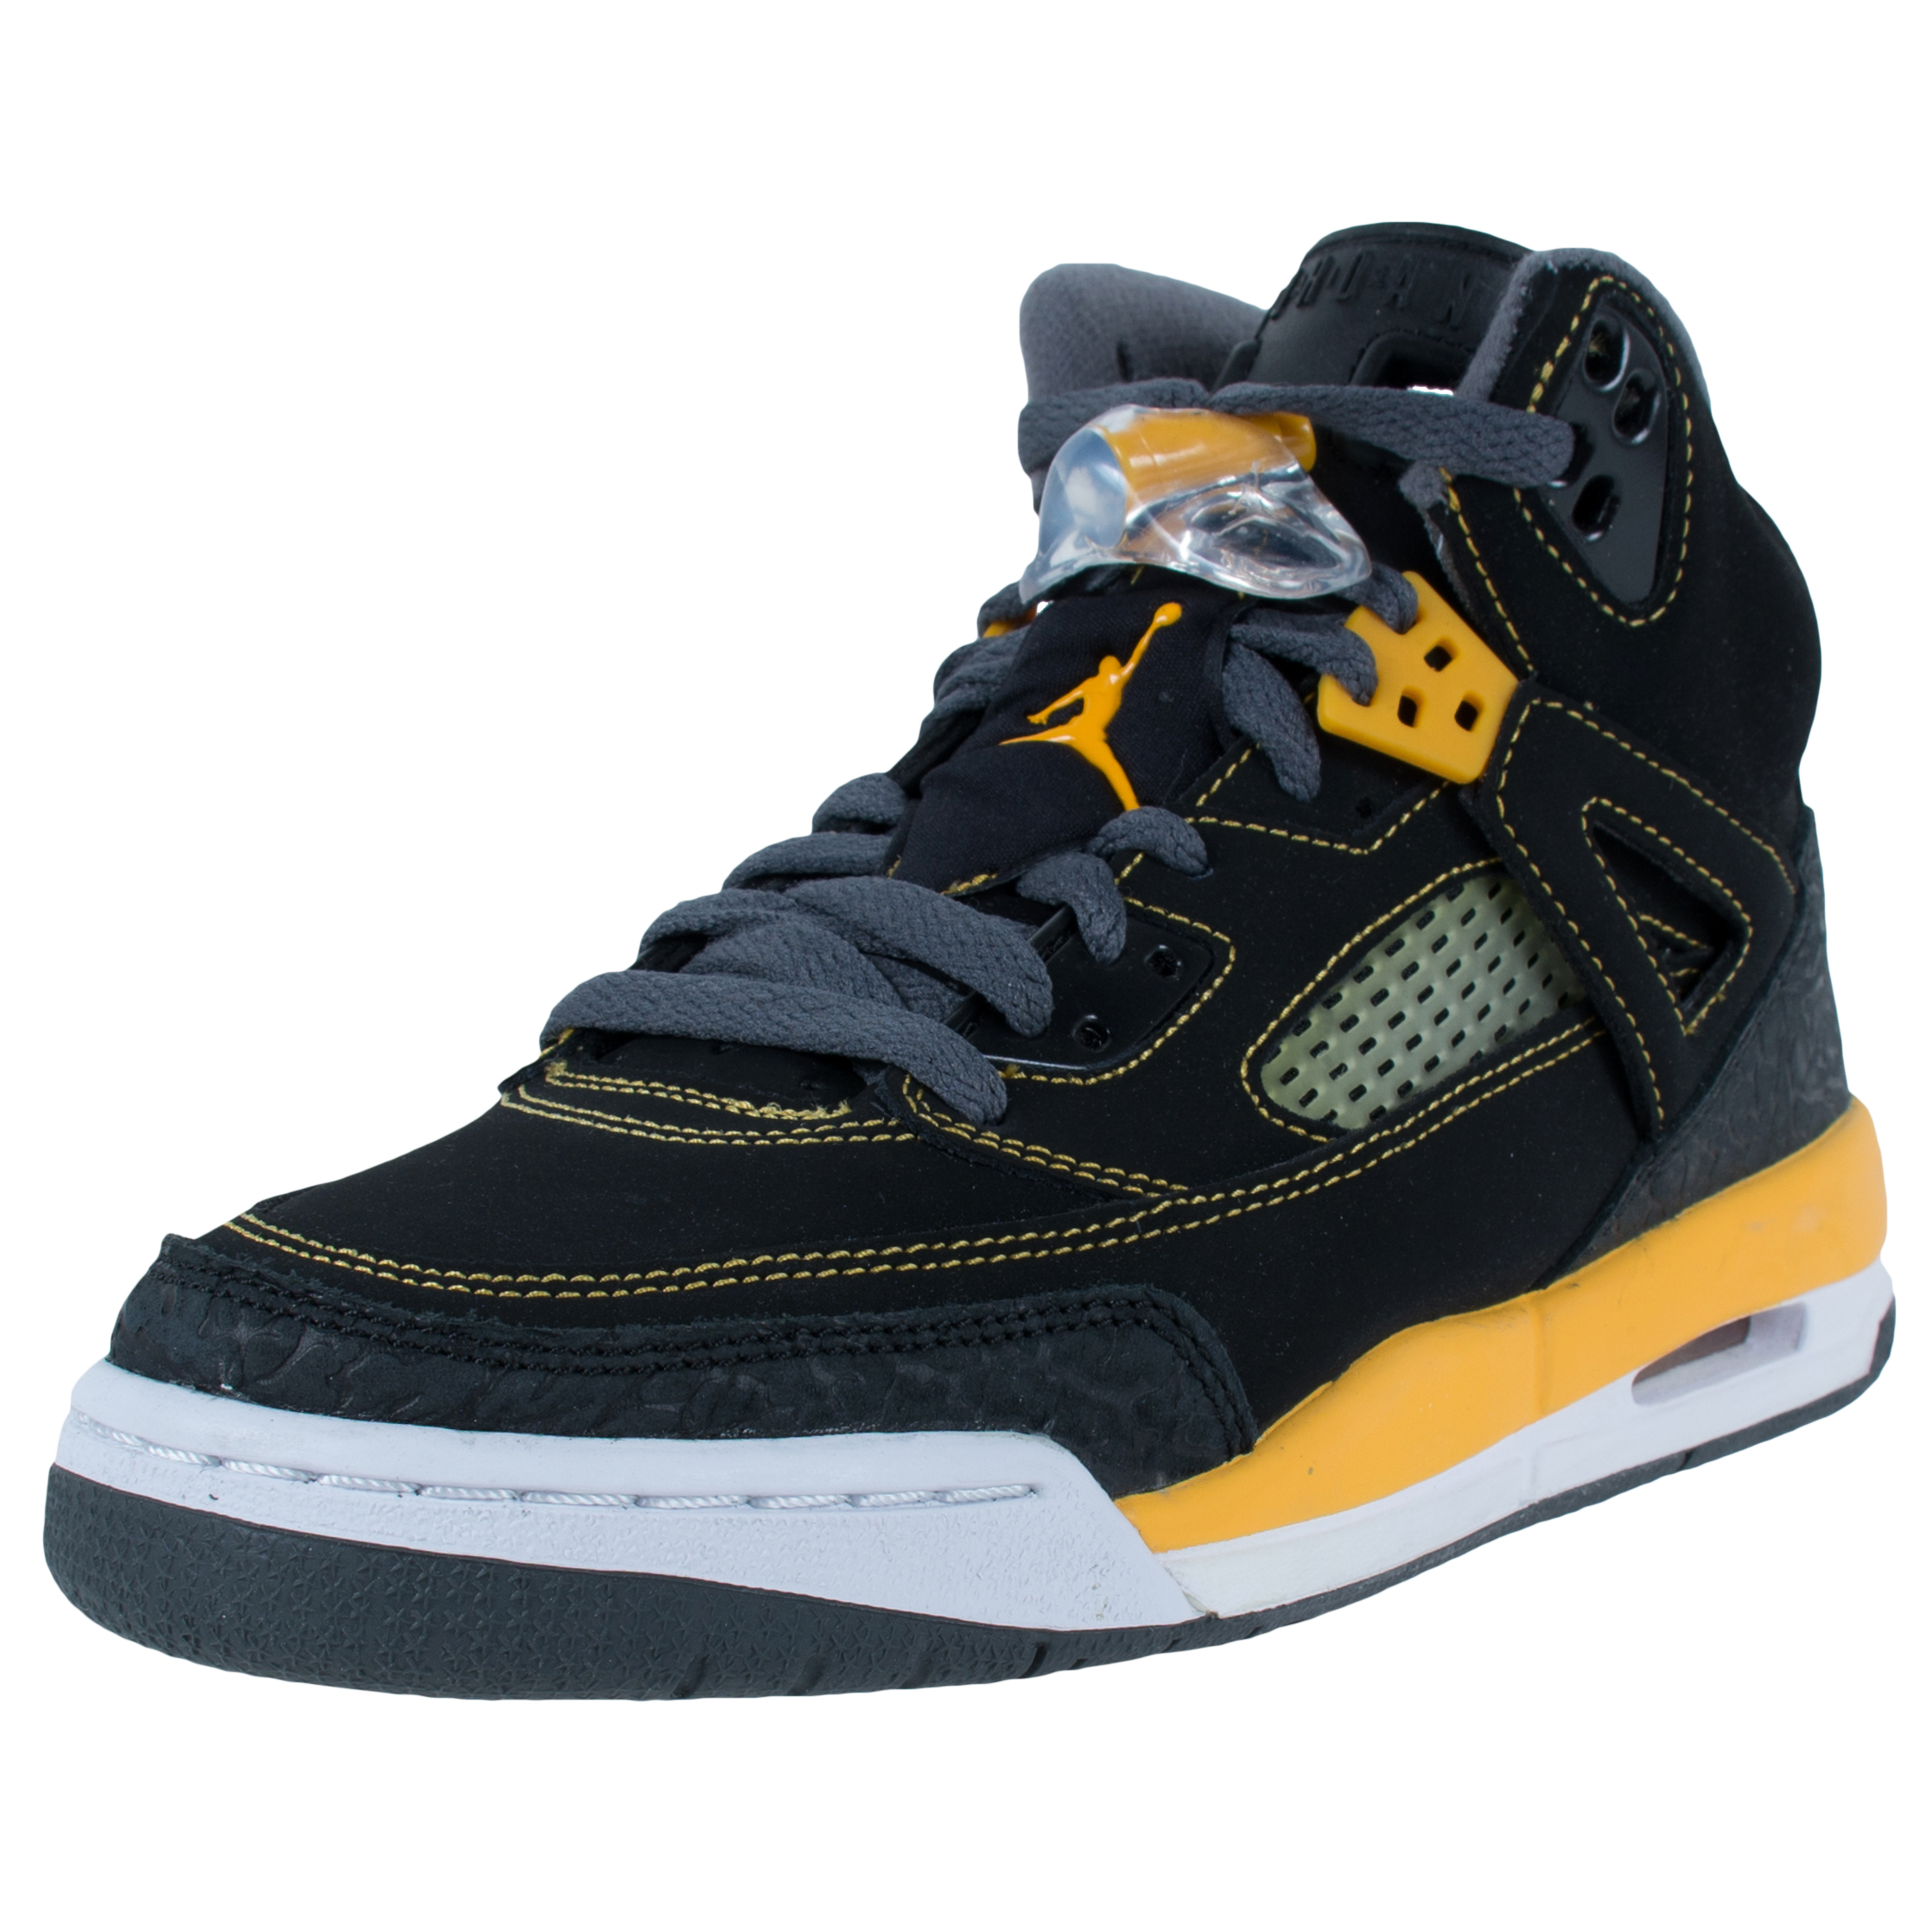 Nike JORDAN SPIZIKE GS 'THUNDER' BASKETBALL SHOES BLACK G...